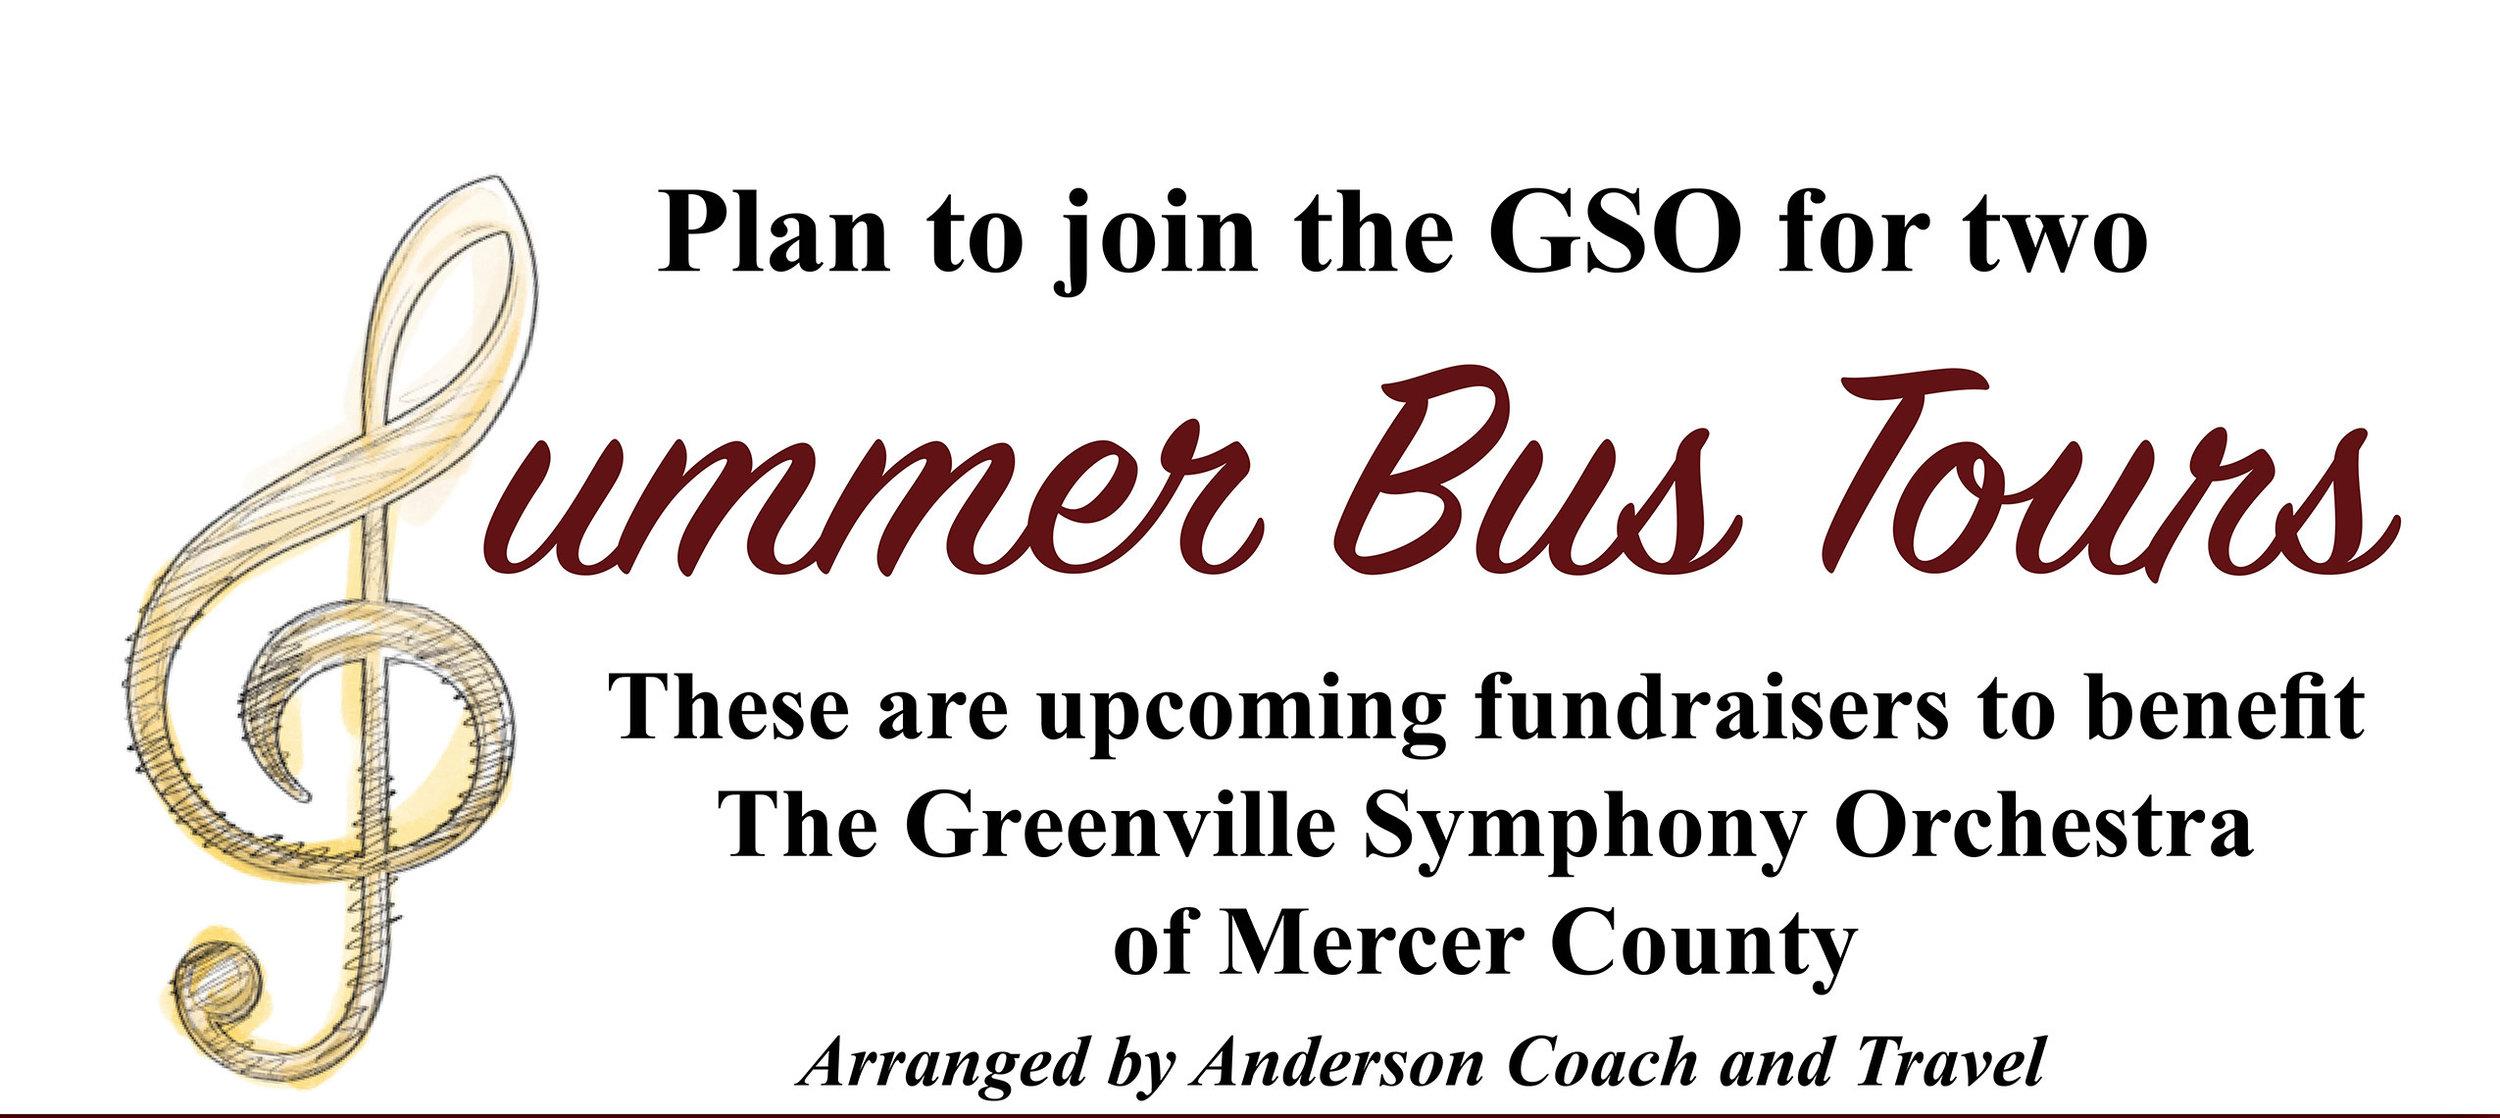 GSO Bus Tours fliertop.jpg